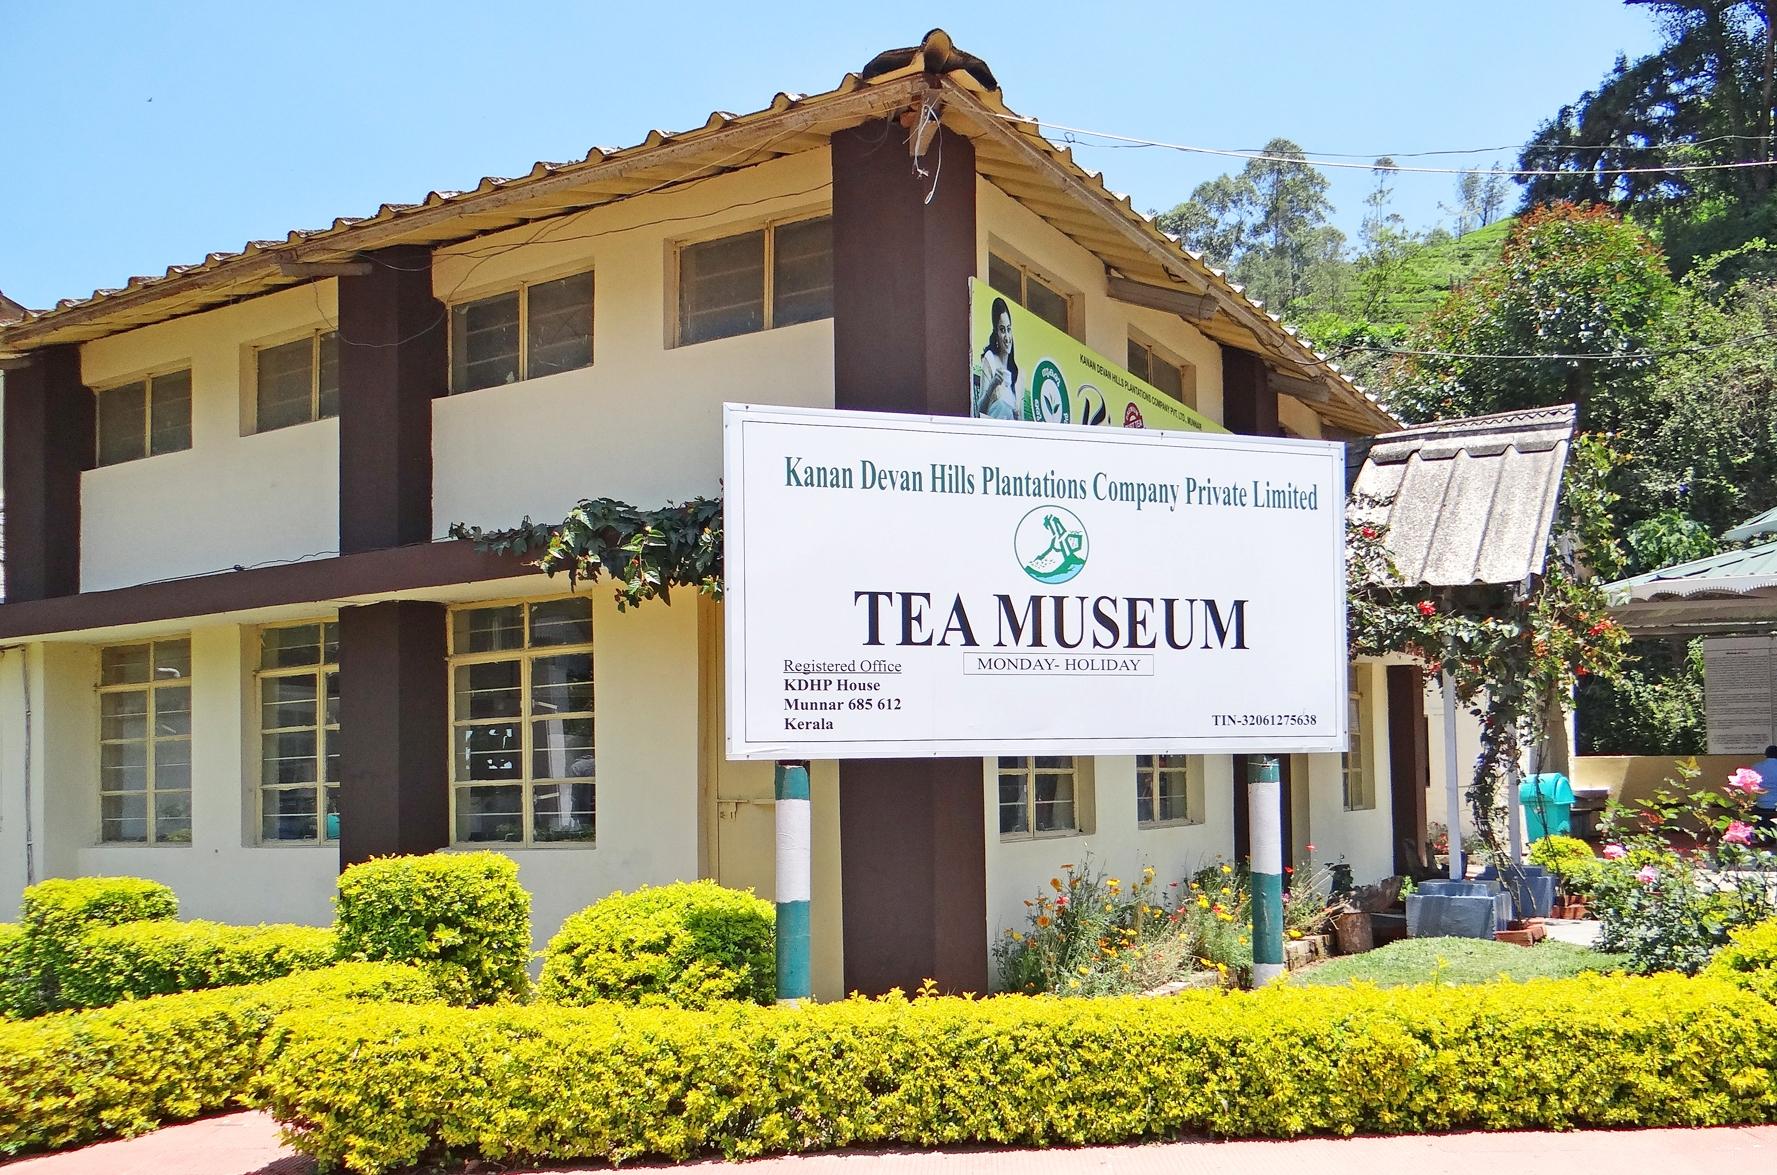 Le musée du thé (Munnar, Inde) (13694719014).jpg